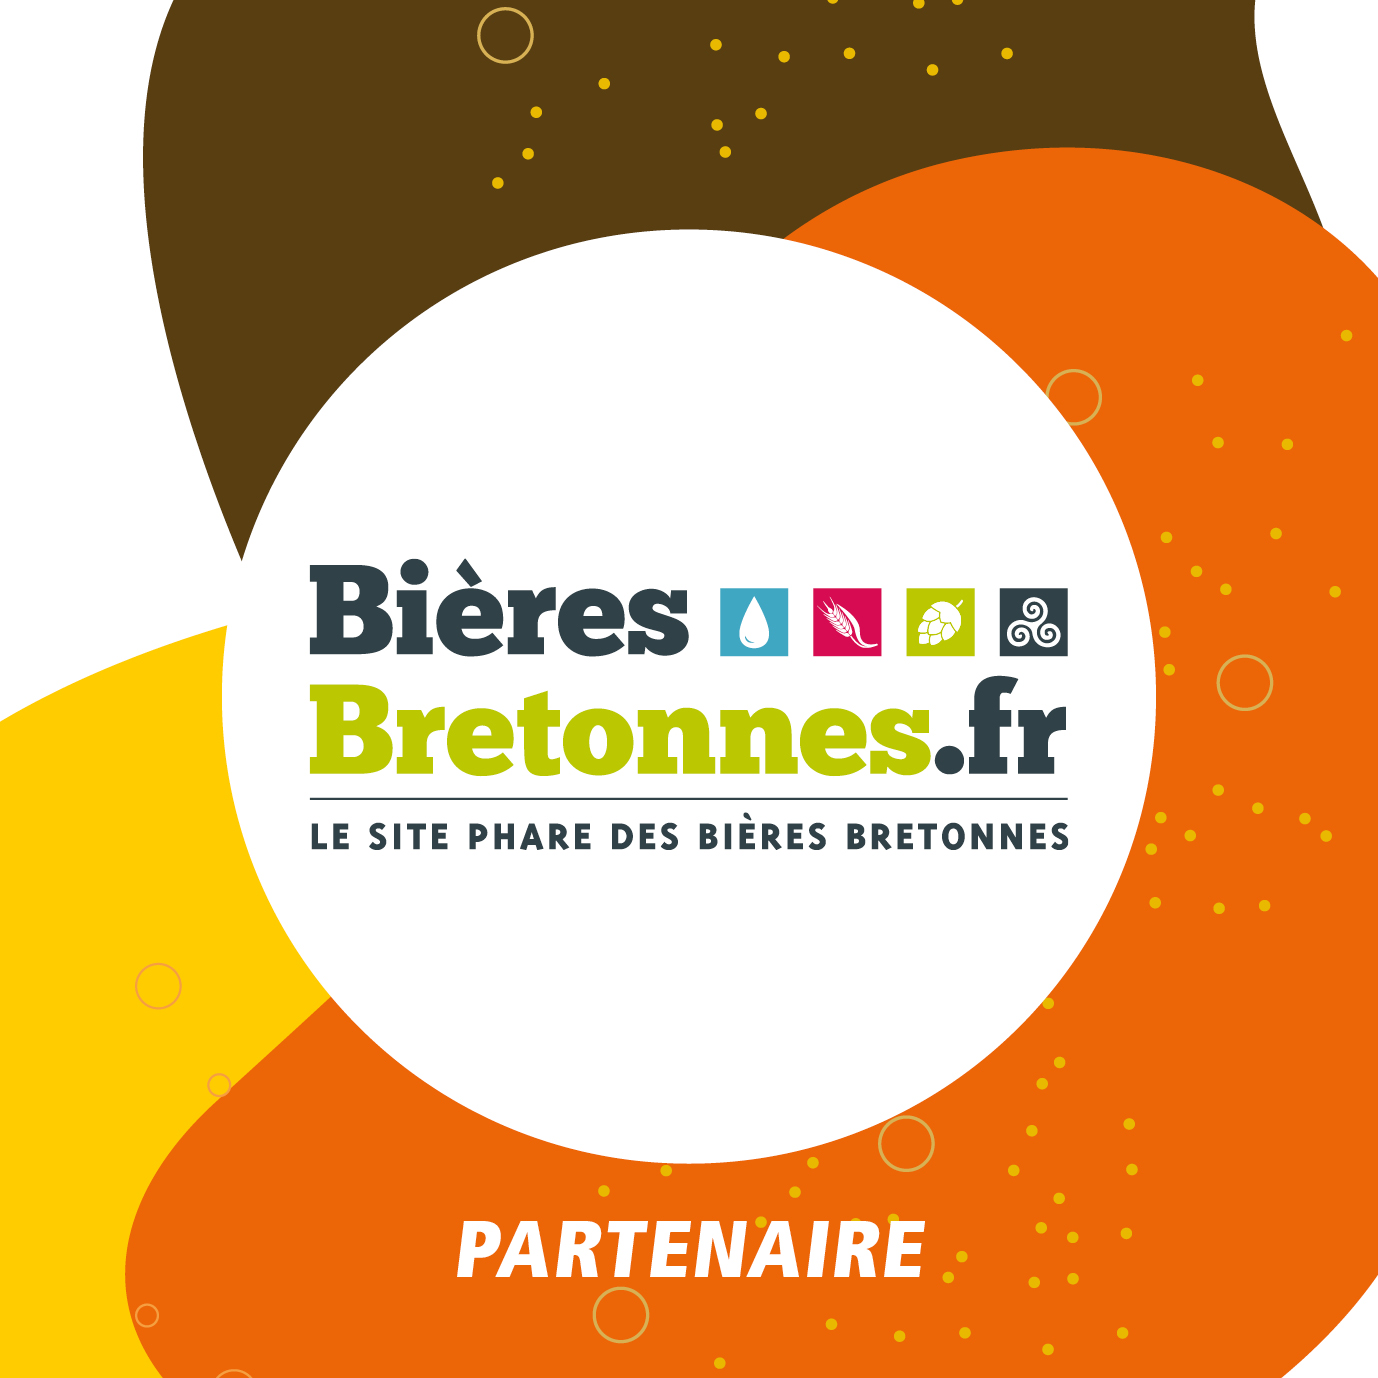 Bieres Bretonnes Partenaire Breizh Bier Session